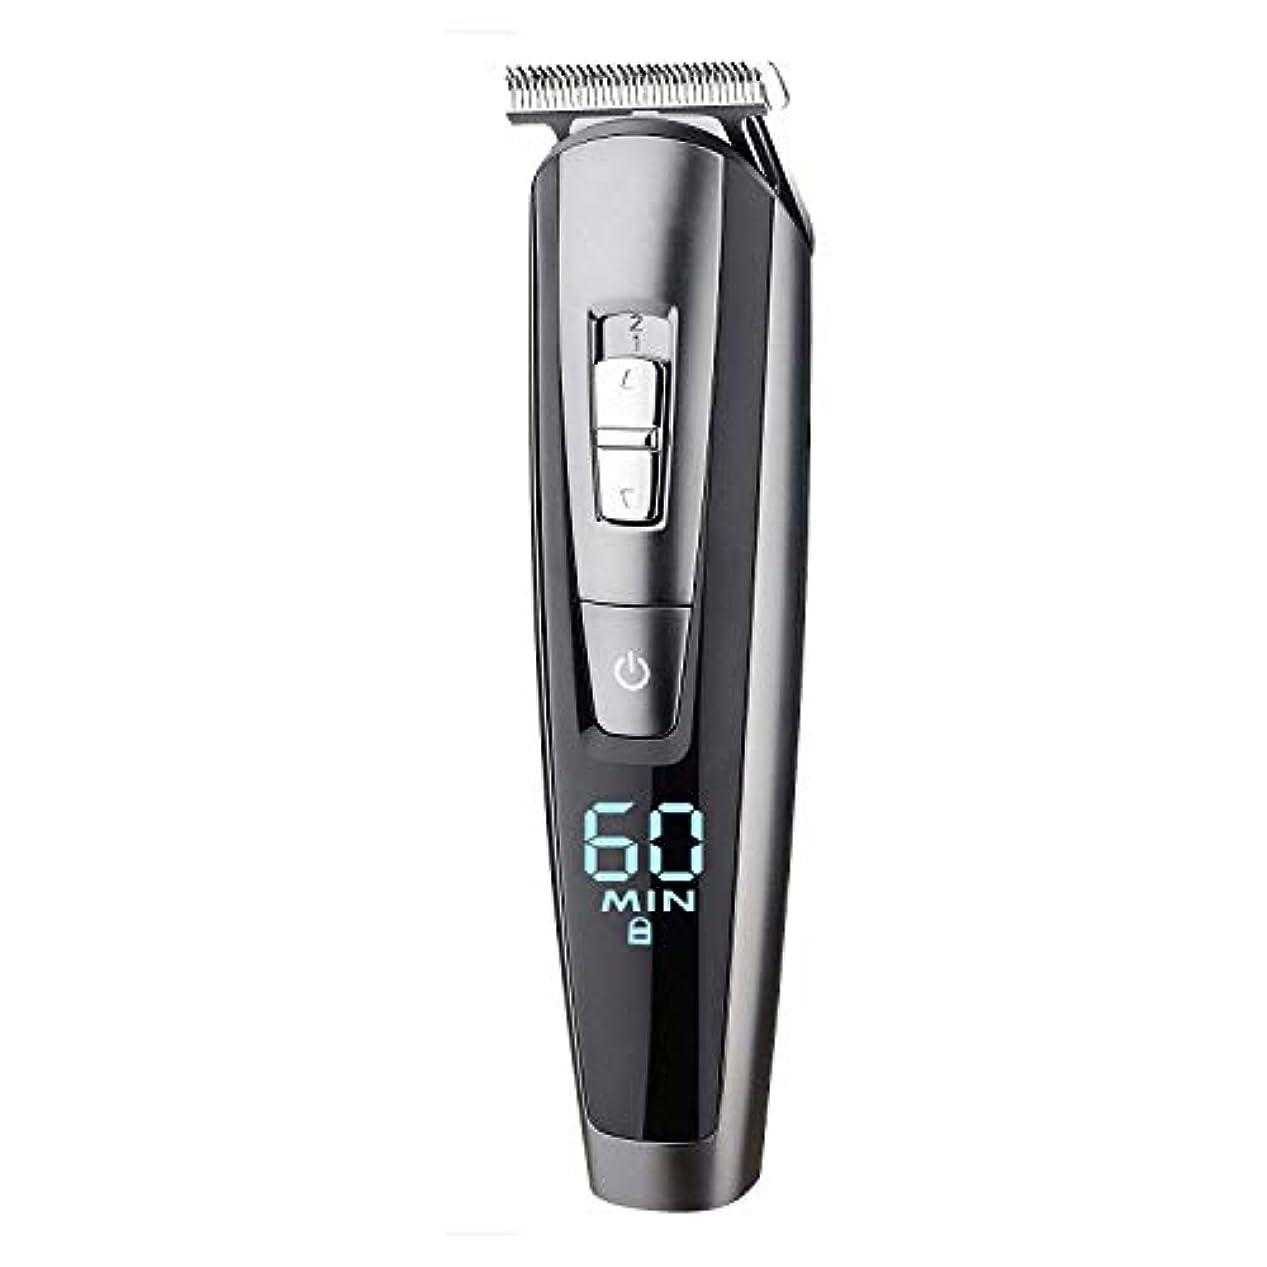 ひげトリマー男性用コードレス口ひげボディトリマーヘアトリマートリマーキット精密トリマー鼻毛トリマー防水USB充電式